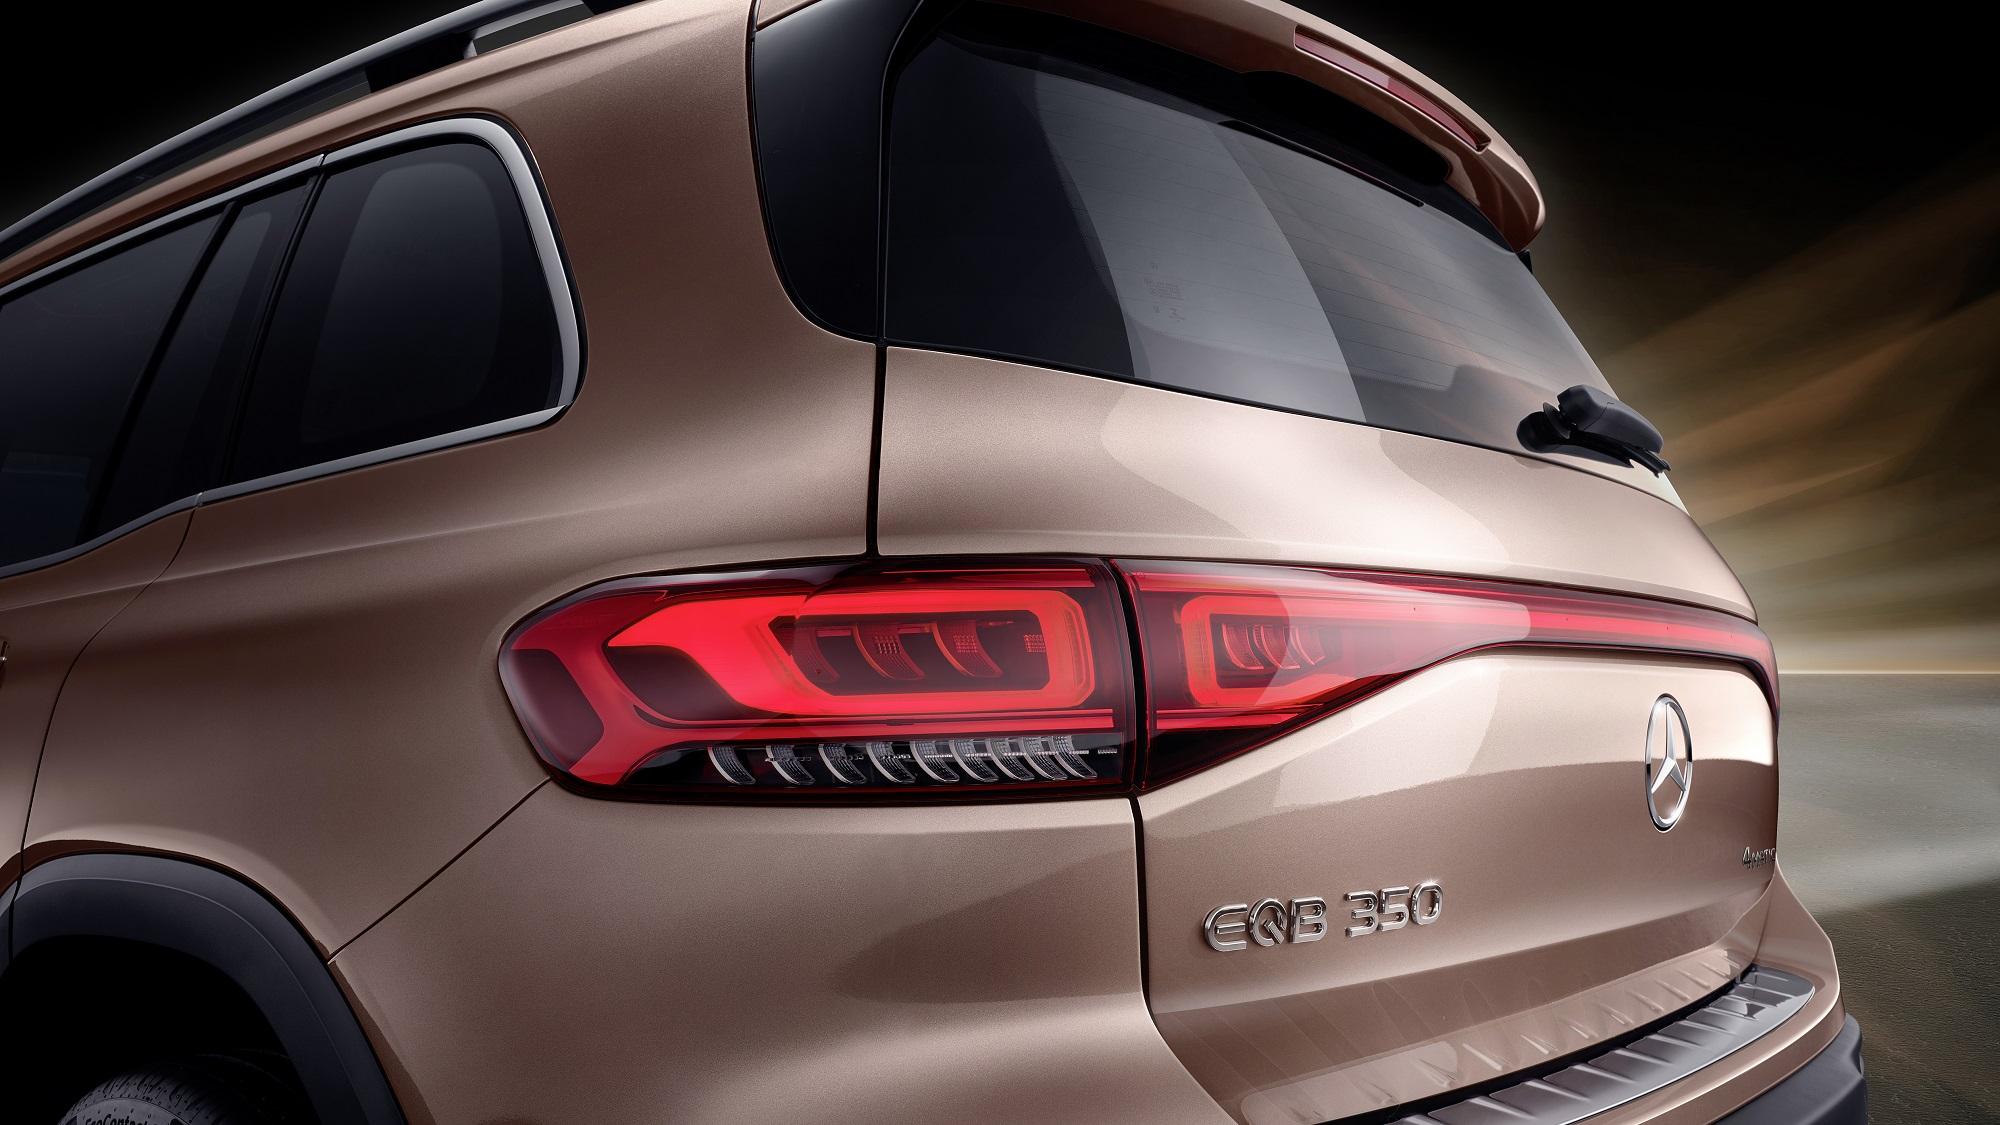 Mercedes-EQ, EQB, 2021; Electric Art Line, Farbe roségold; EQB 350 4MATIC (Stromverbrauch kombiniert: 16,2 kWh/100 km; CO2-Emissionen kombiniert: 0 g/km) // Mercedes-EQ, EQB, 2021; Electric Art Line, rose gold; EQB 350 (combined power consumption: 16.2 kWh/100 km, combined CO2 emissions: 0 g/km)